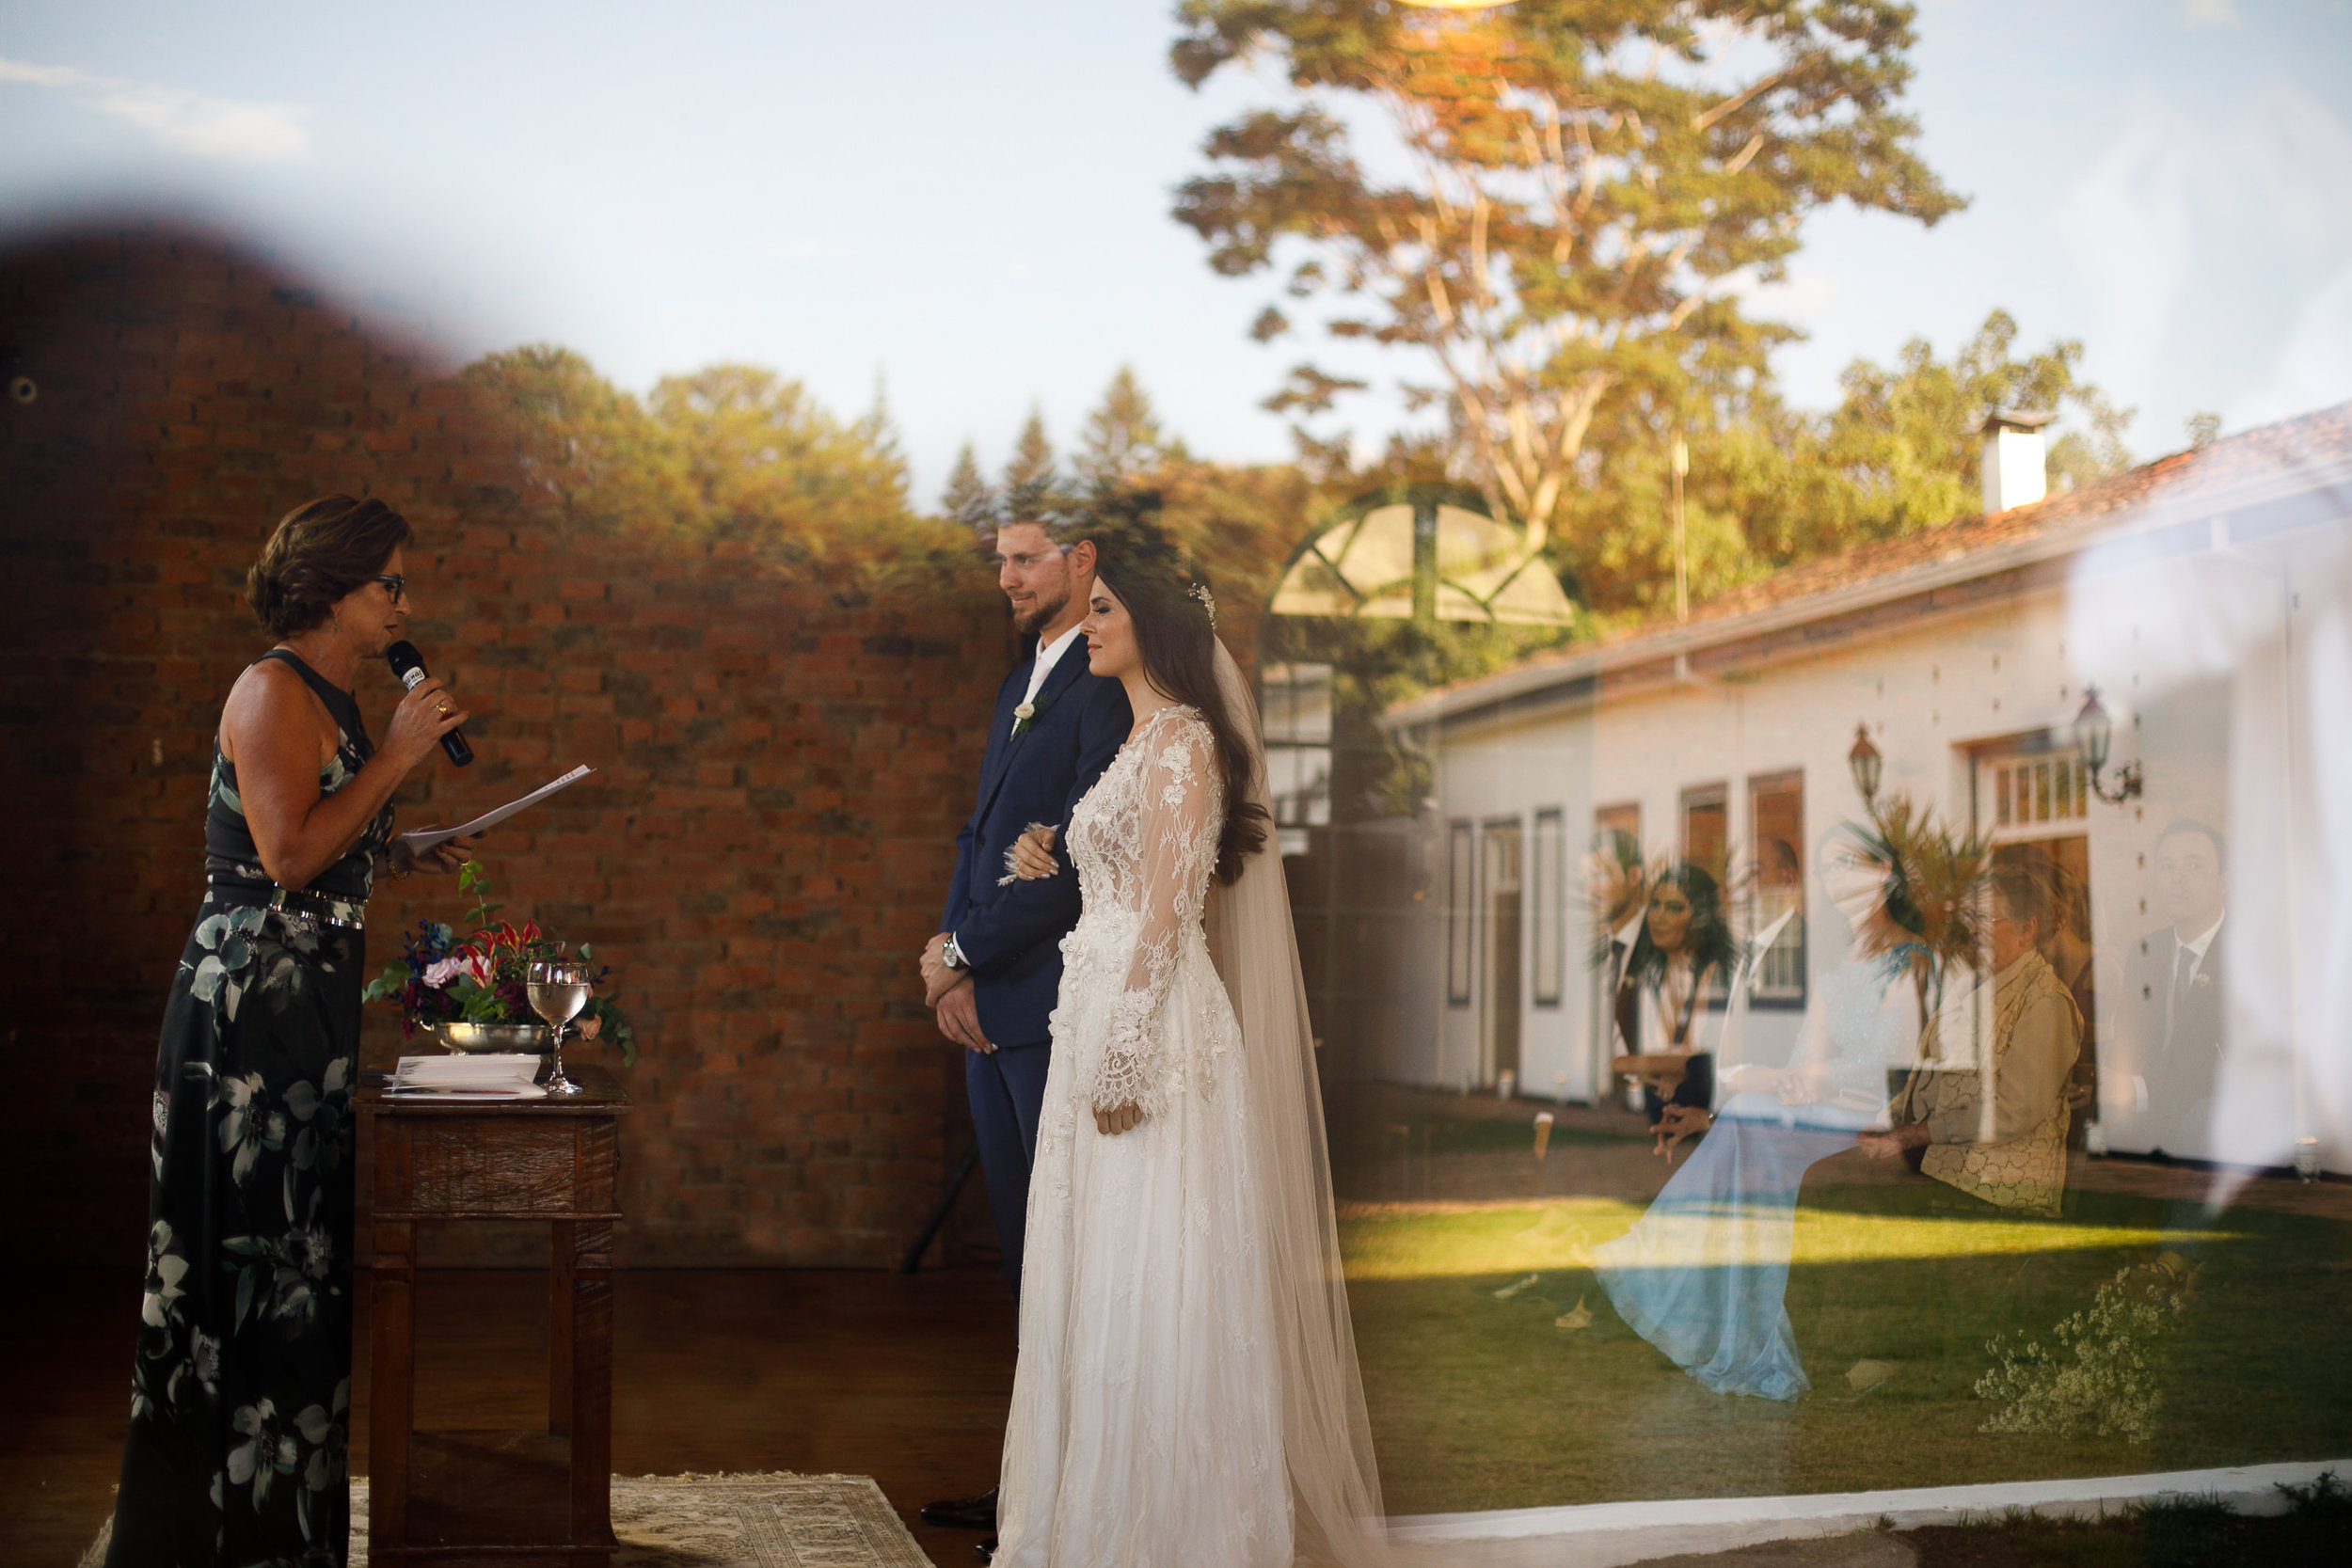 Prévia-Isabella&Luis-MARCELINOS-0124.jpg